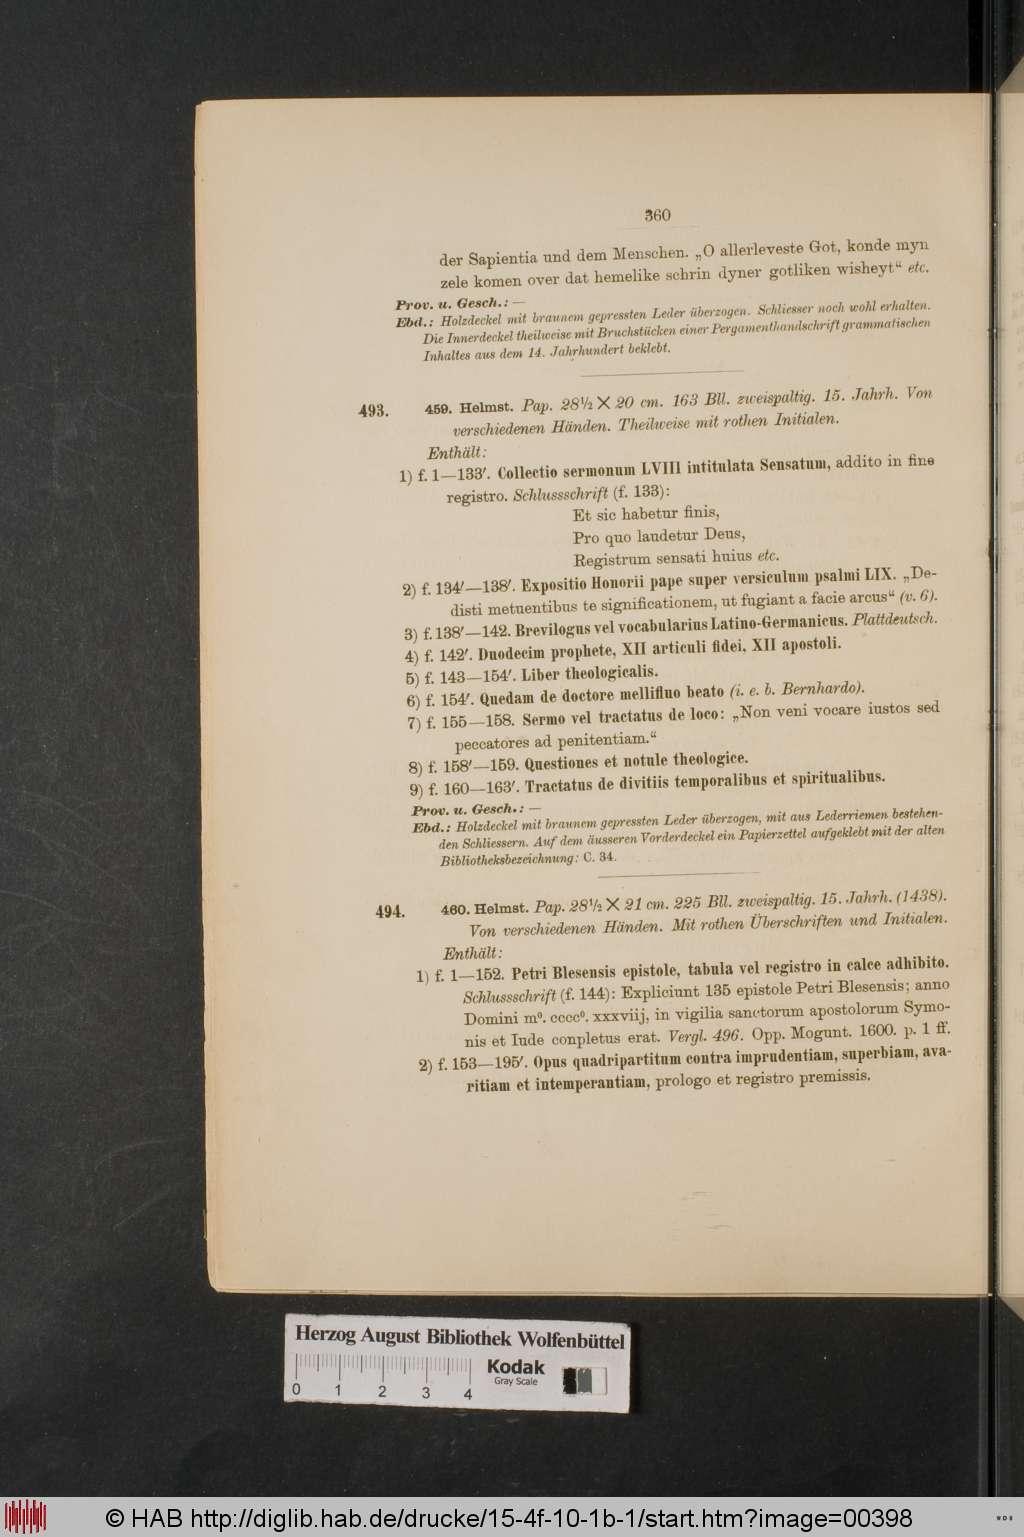 https://diglib.hab.de/drucke/15-4f-10-1b-1/00398.jpg